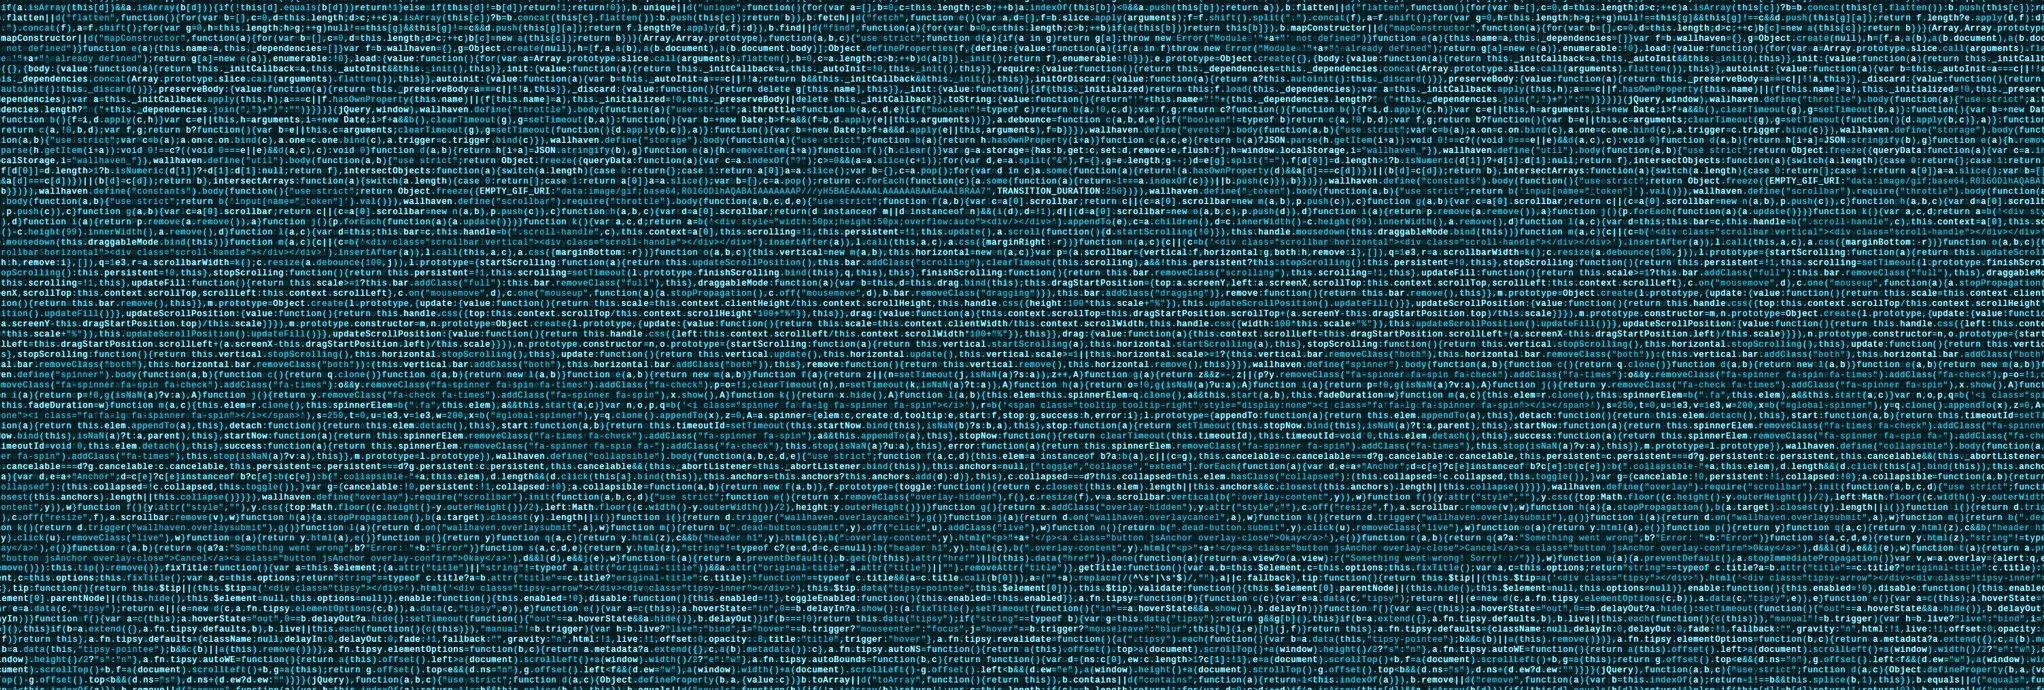 Macrodatos o big data